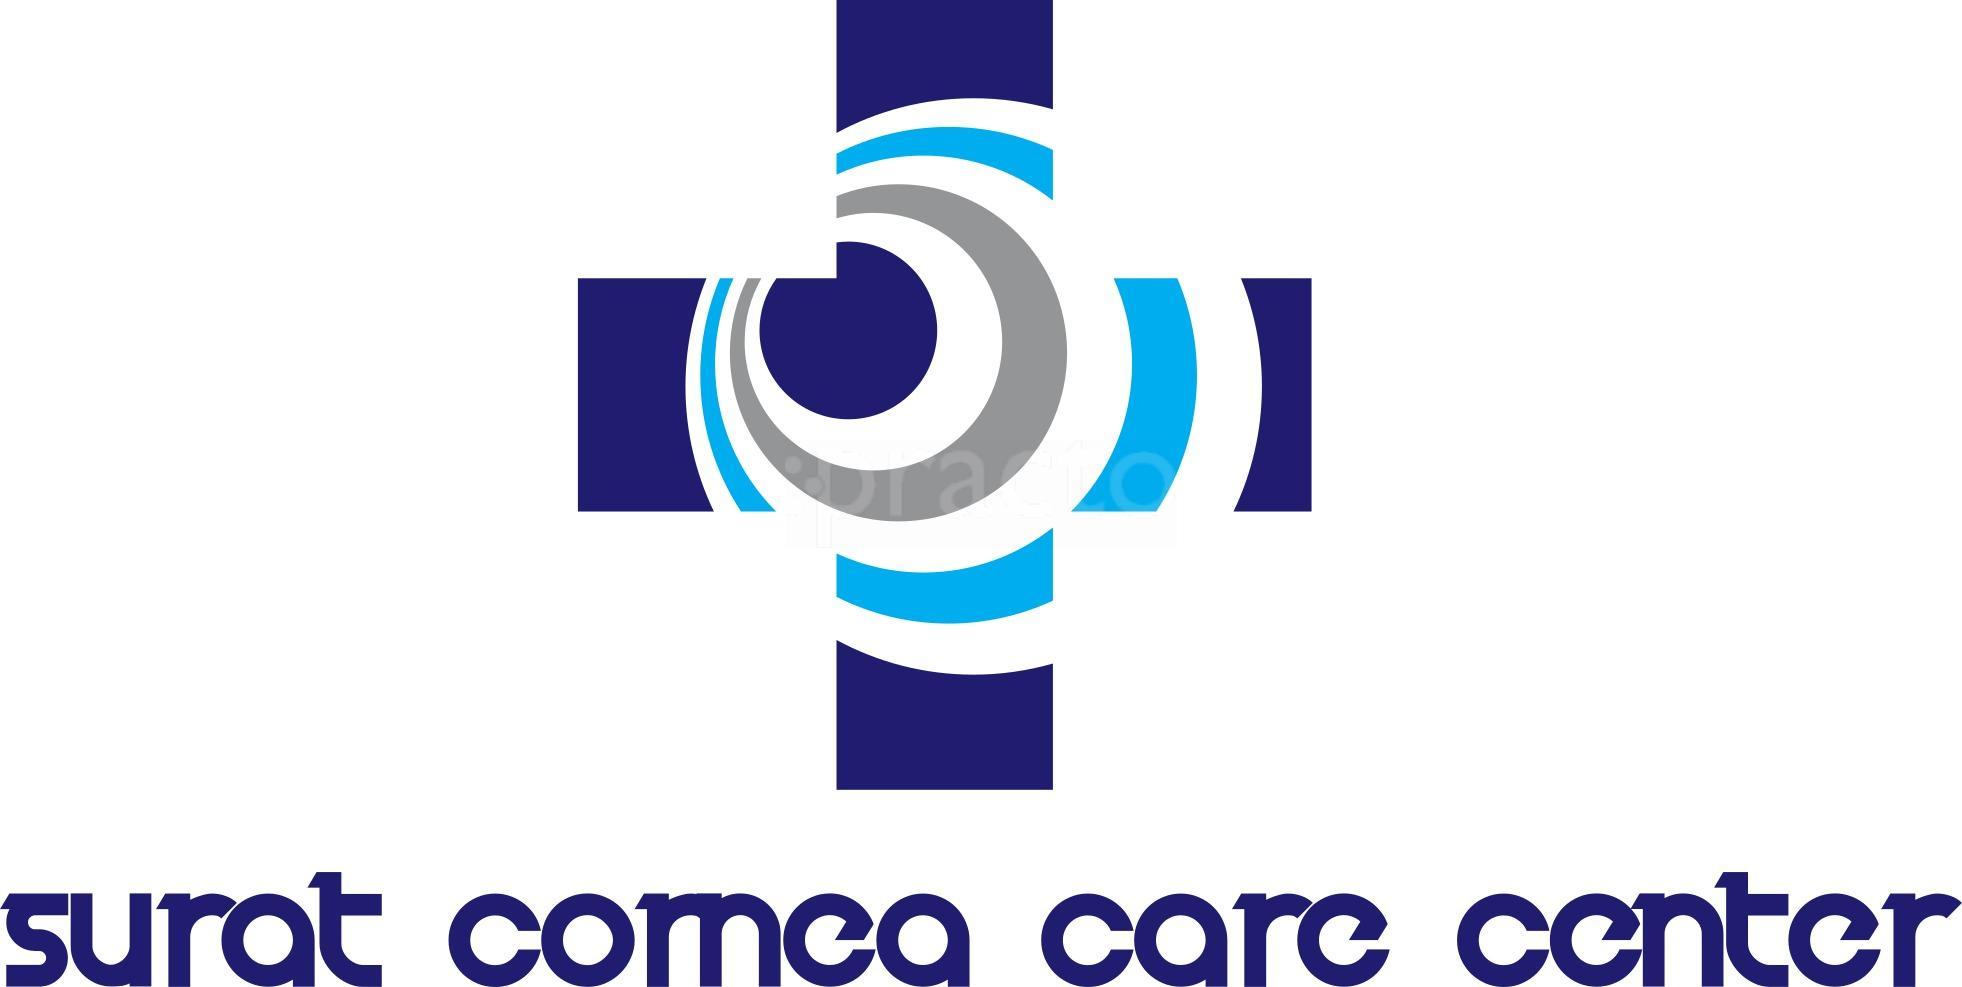 Surat Cornea Care Center